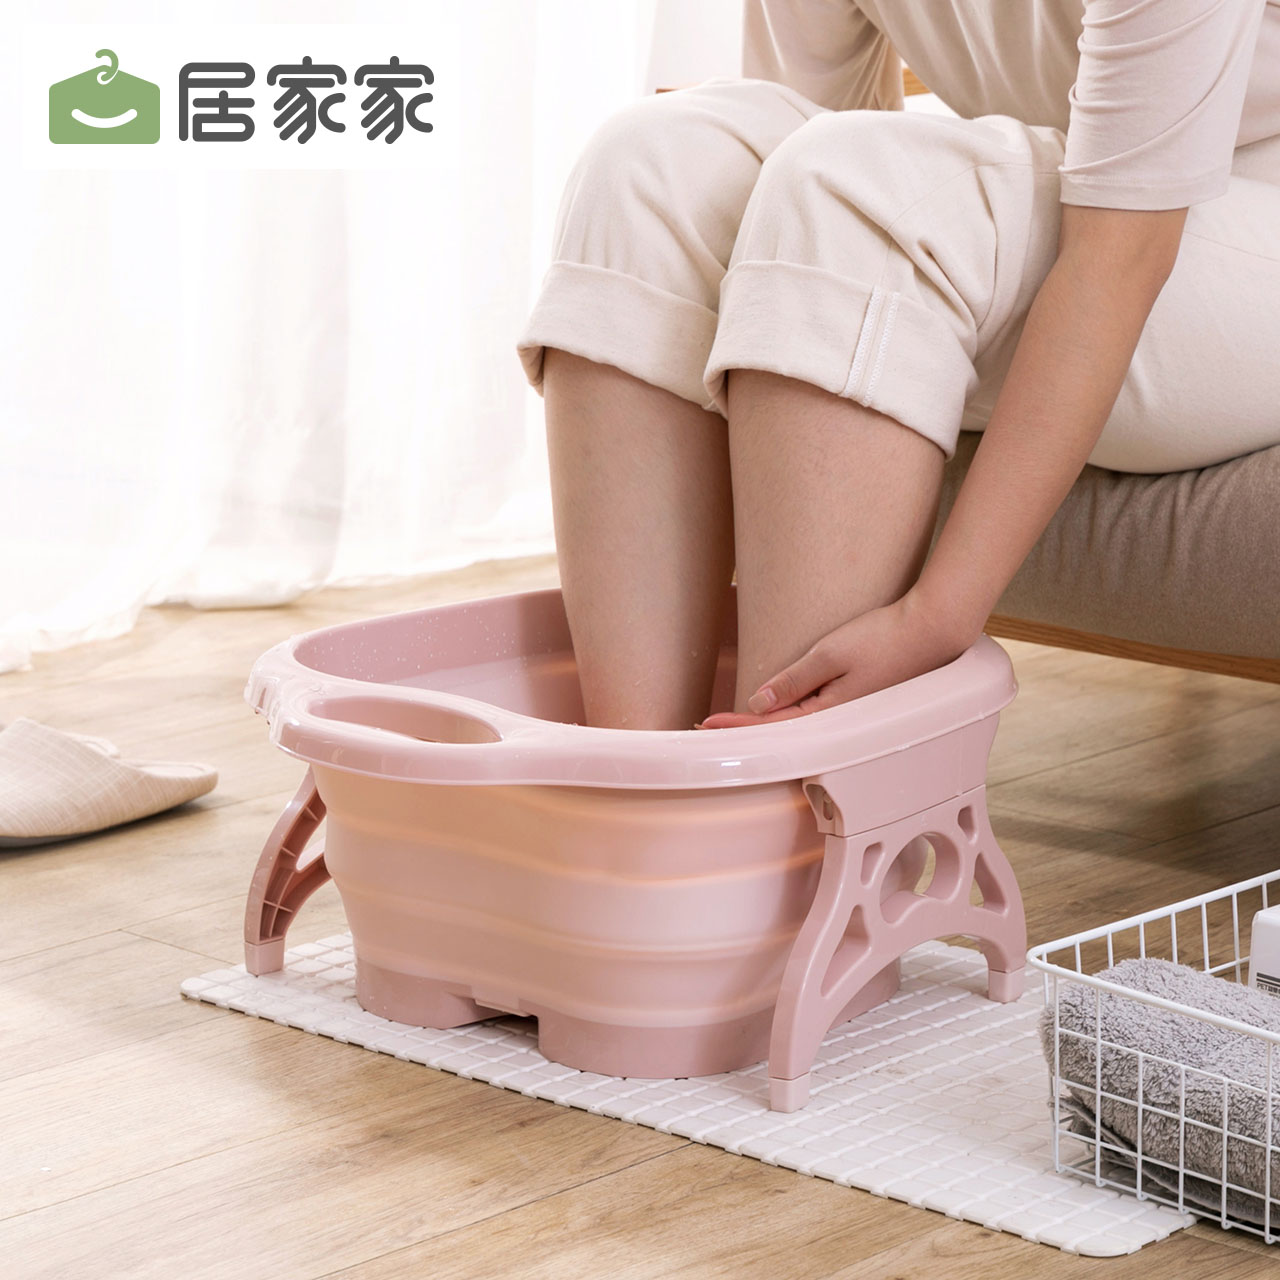 居家家折叠泡脚盆加高按摩足浴盆塑料洗脚桶大号家用足浴桶泡脚桶